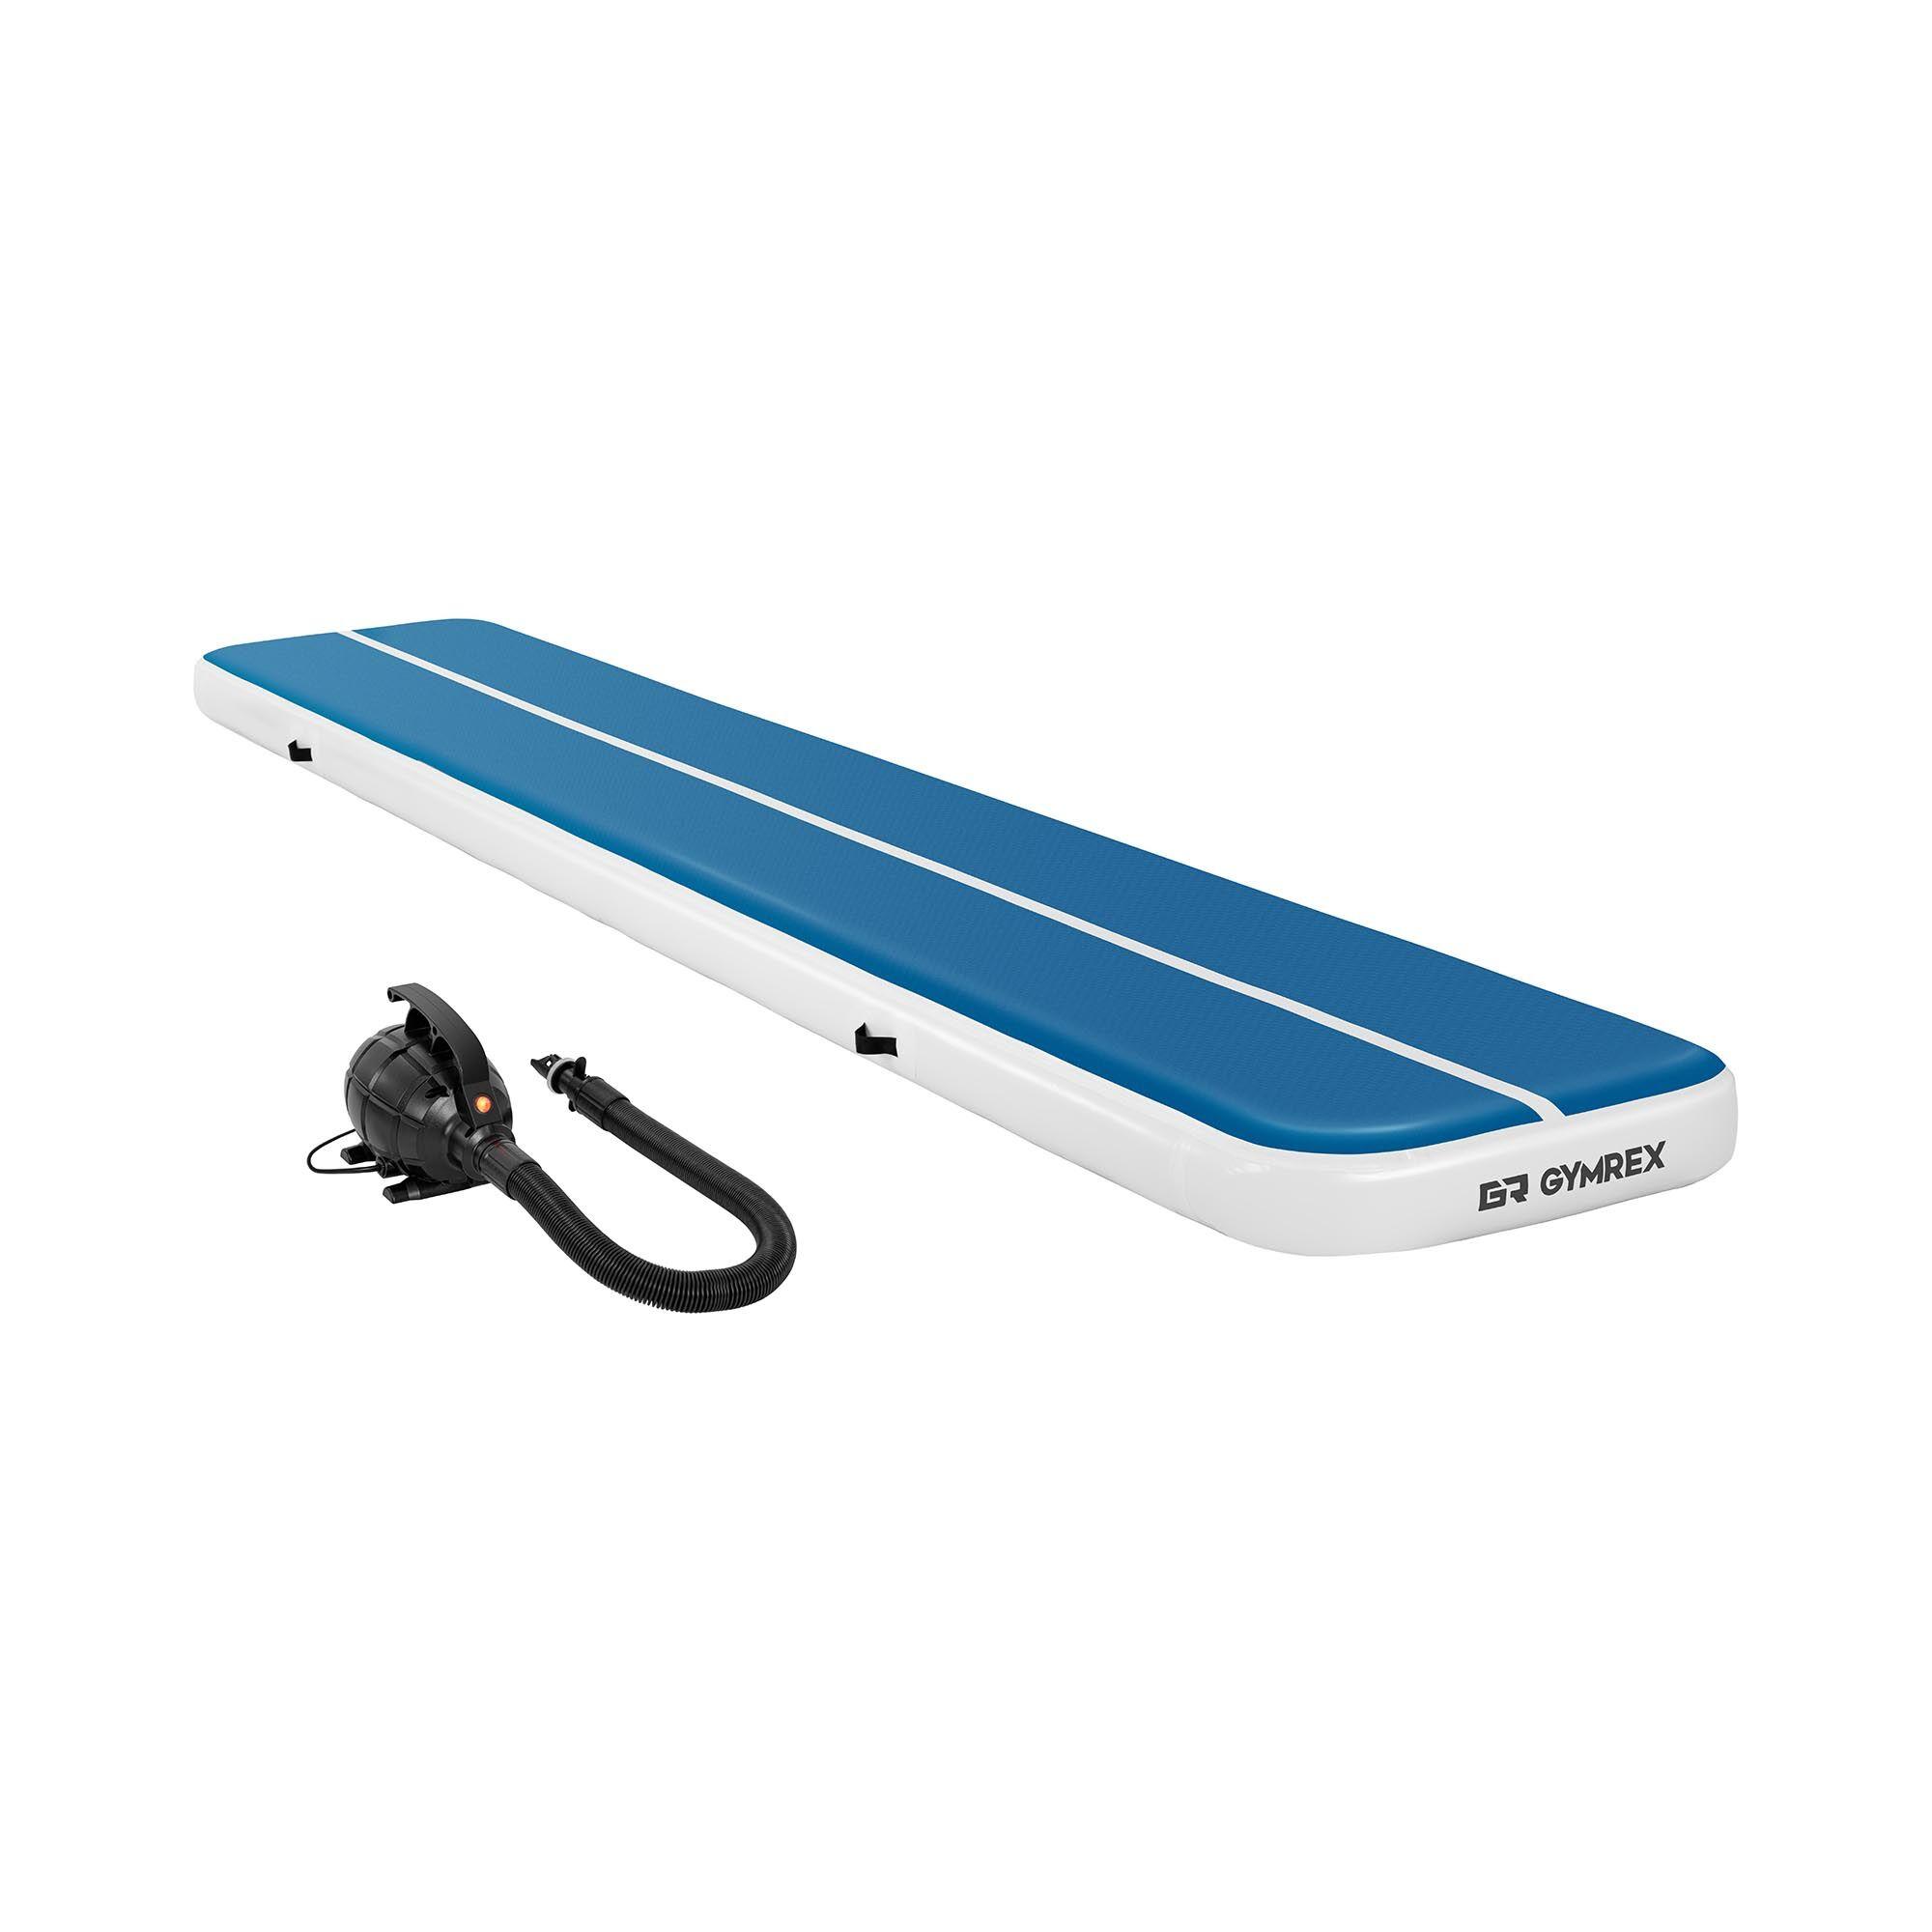 Gymrex Air track - Aitrack avec gonfleur électrique - Airtrack - 600 x 100 x 20 cm - 300 kg - Bleu/blanc GR-ATM7-SET